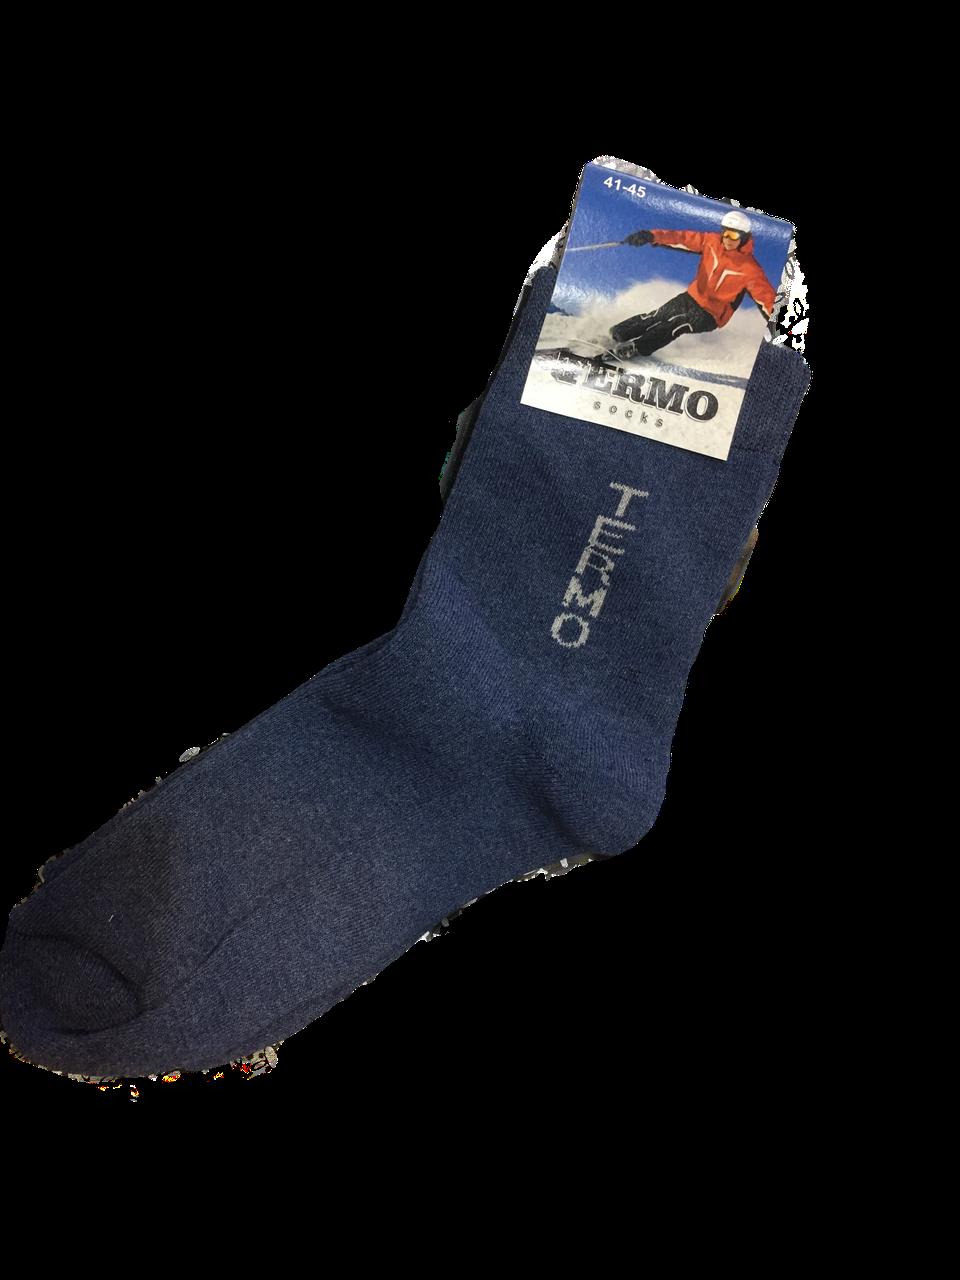 Махровые носки мужские 41-45 термо